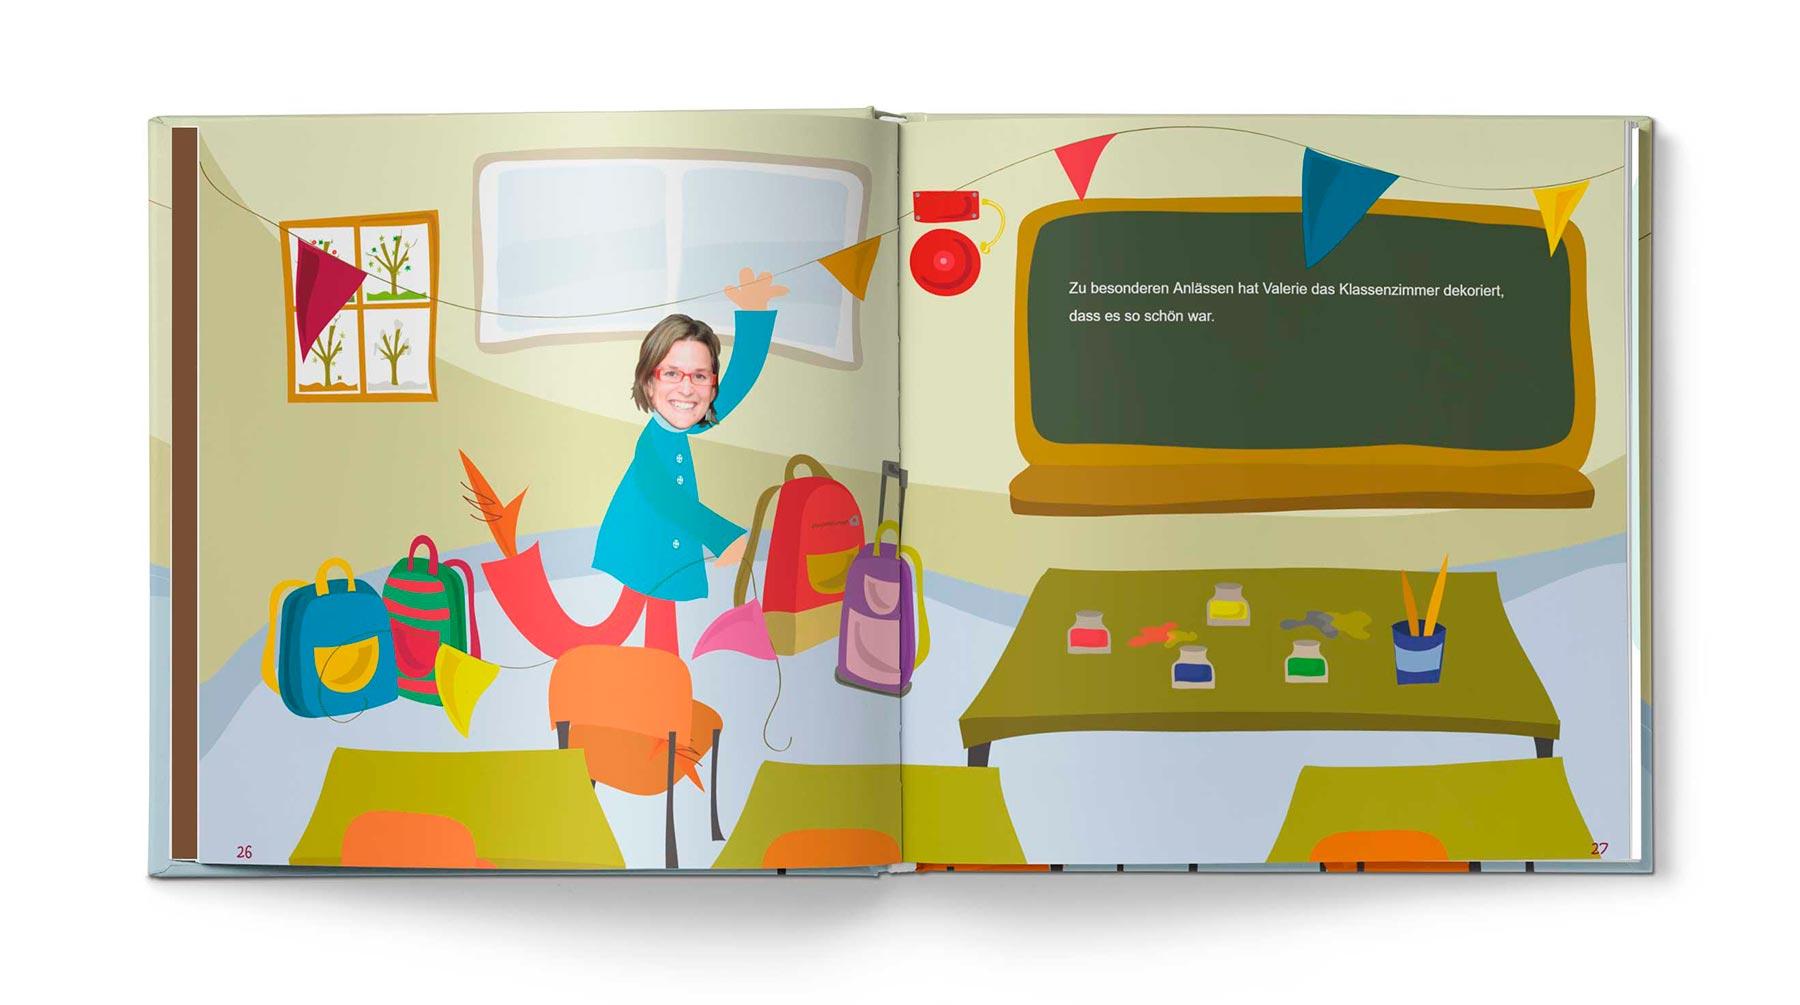 Geschichte Das Schulbuch - Bild 13